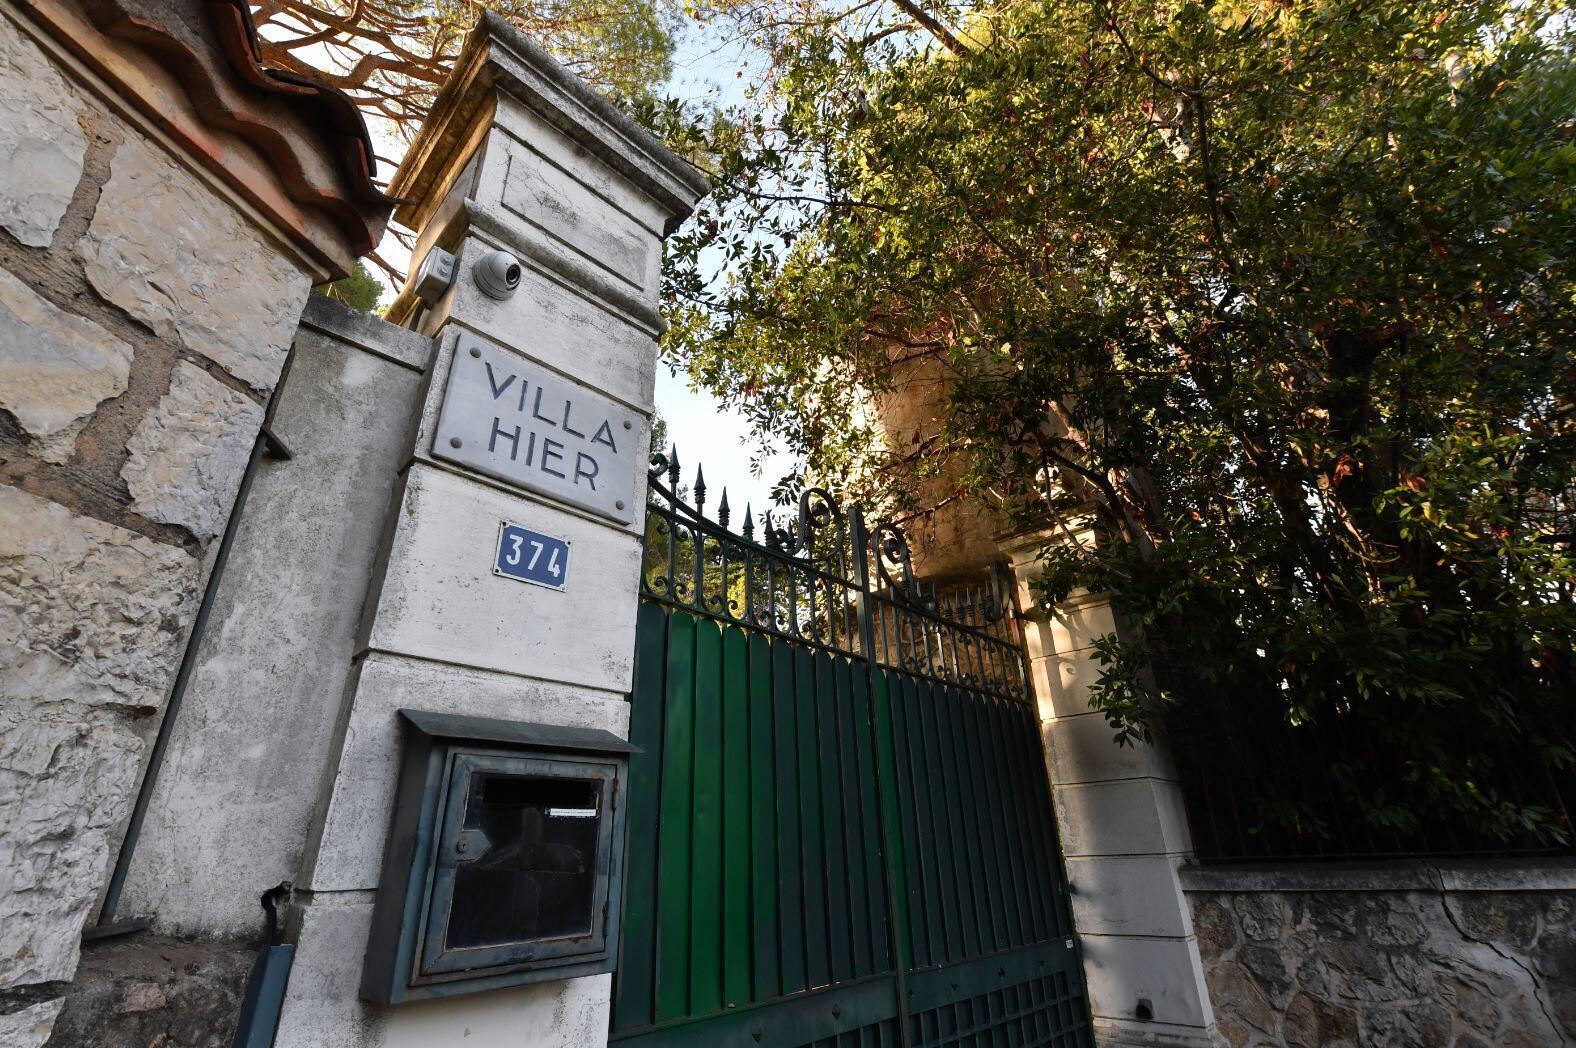 Hier — одна из вилл, купленная Сулейманом Керимовым на Лазурном берегу. Следствие полагает, что недвижимость покупалась по намеренно заниженной цене, чтобы уйти от налогов.